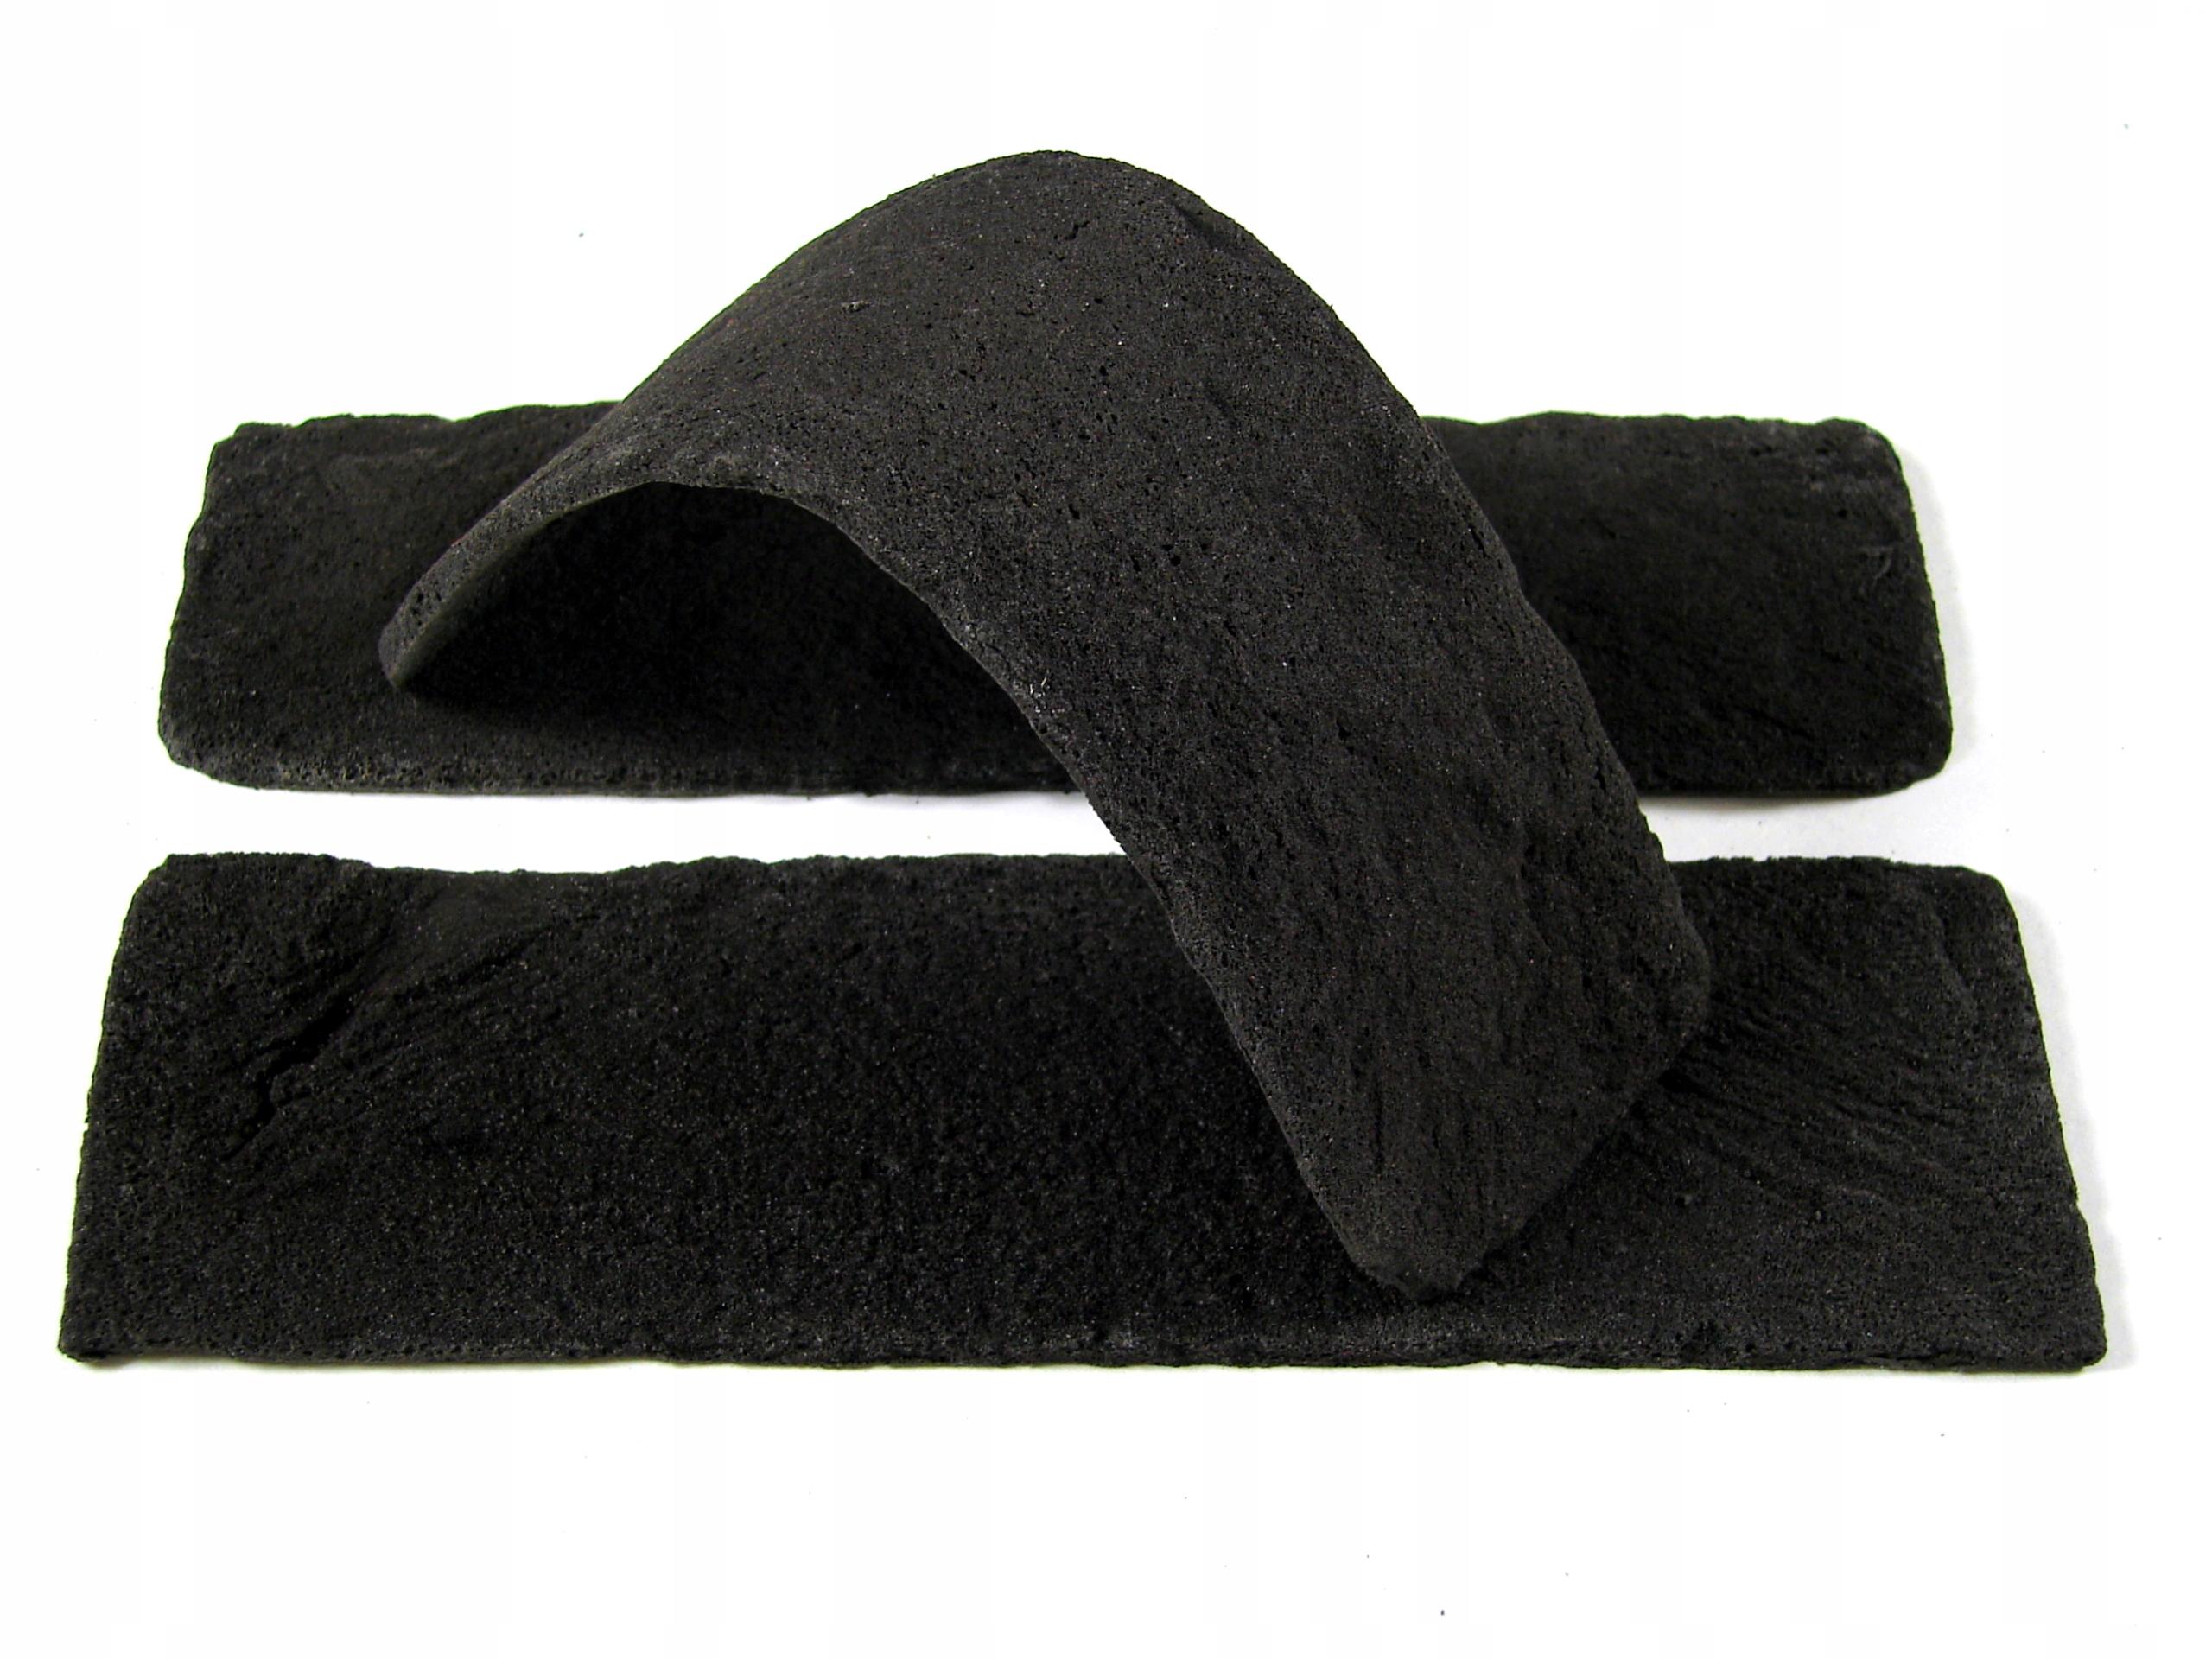 čierna tehla, obklad z imitácie tehál